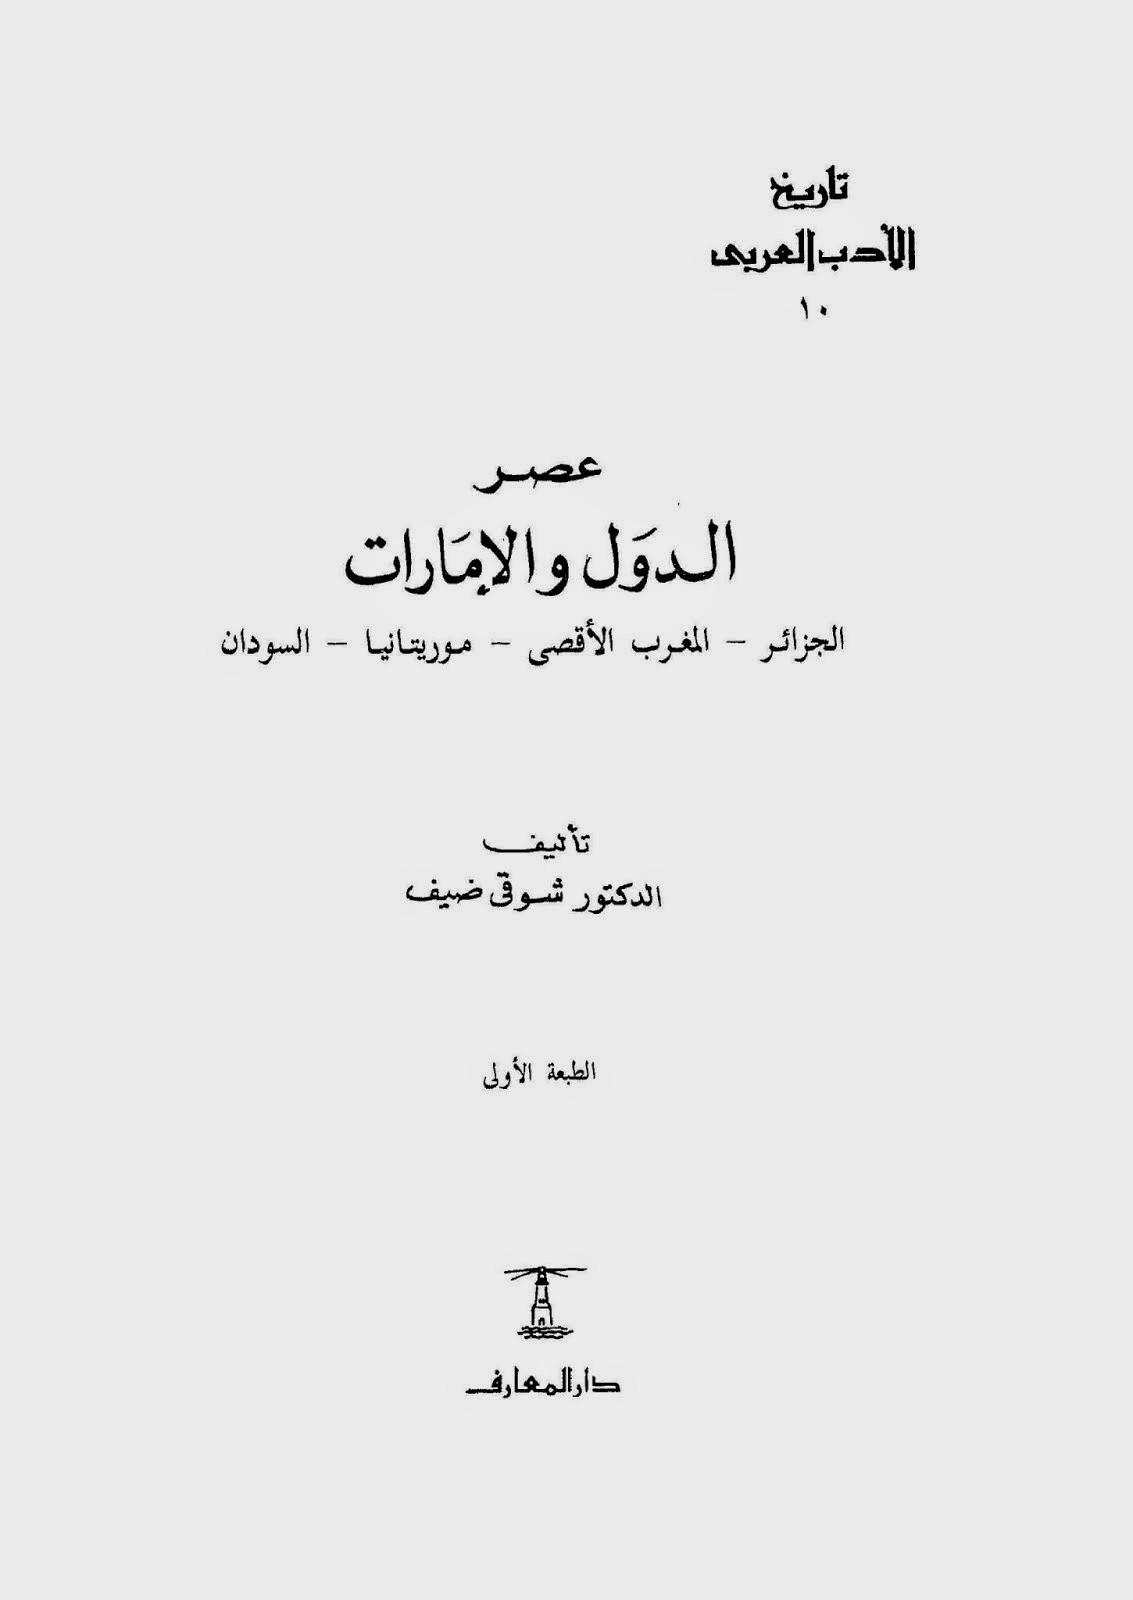 عصر الدول والإمارات: الجزائر -المغرب الأقصى- موريتانيا - السودان لـ شوقي ضيف